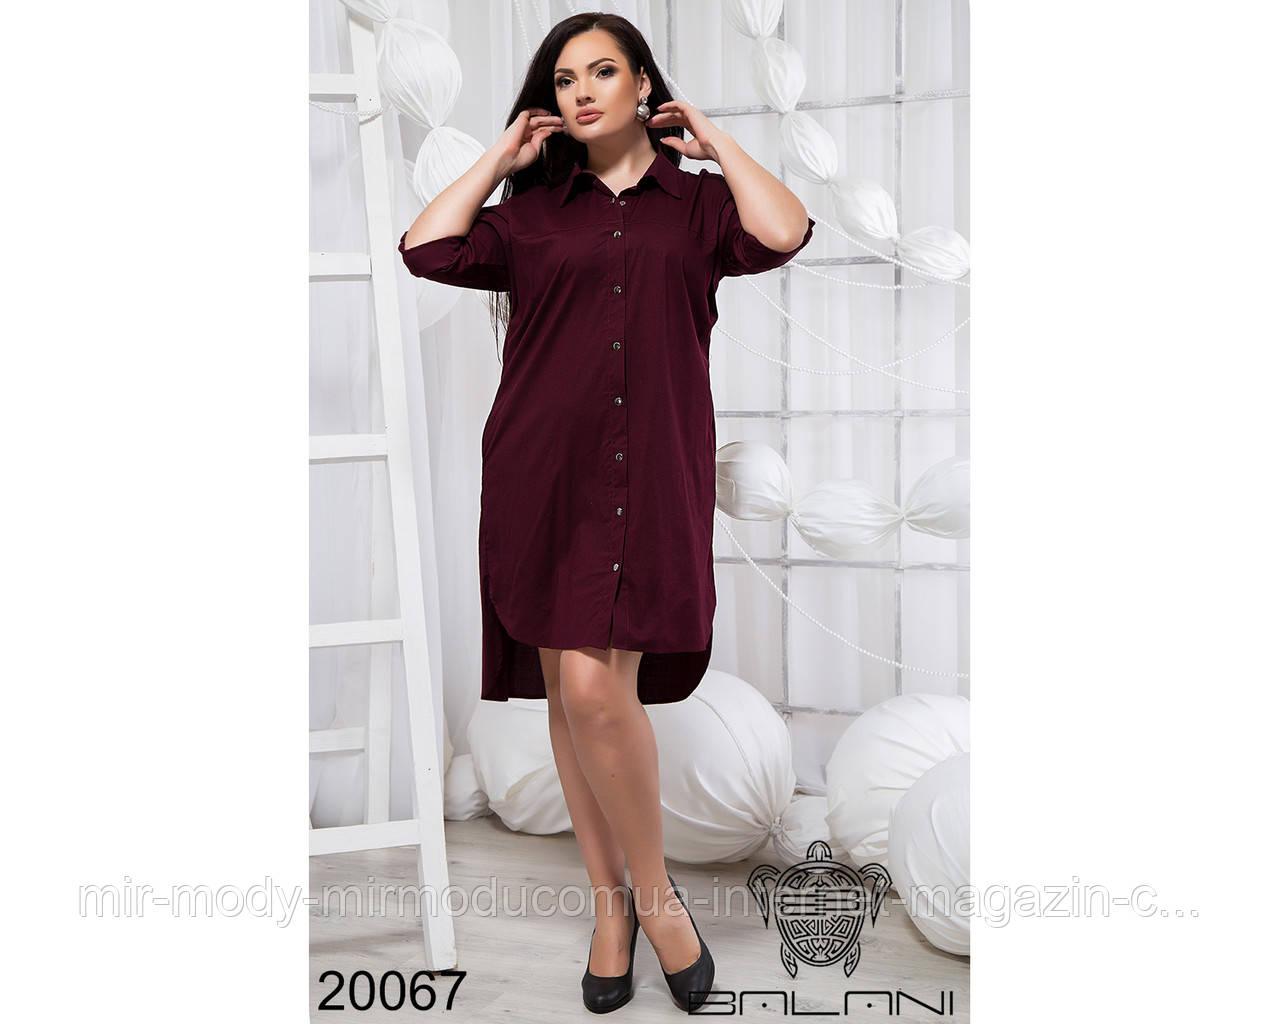 Стильное платье рубашка - 20067 с 48 по 54 размер бн